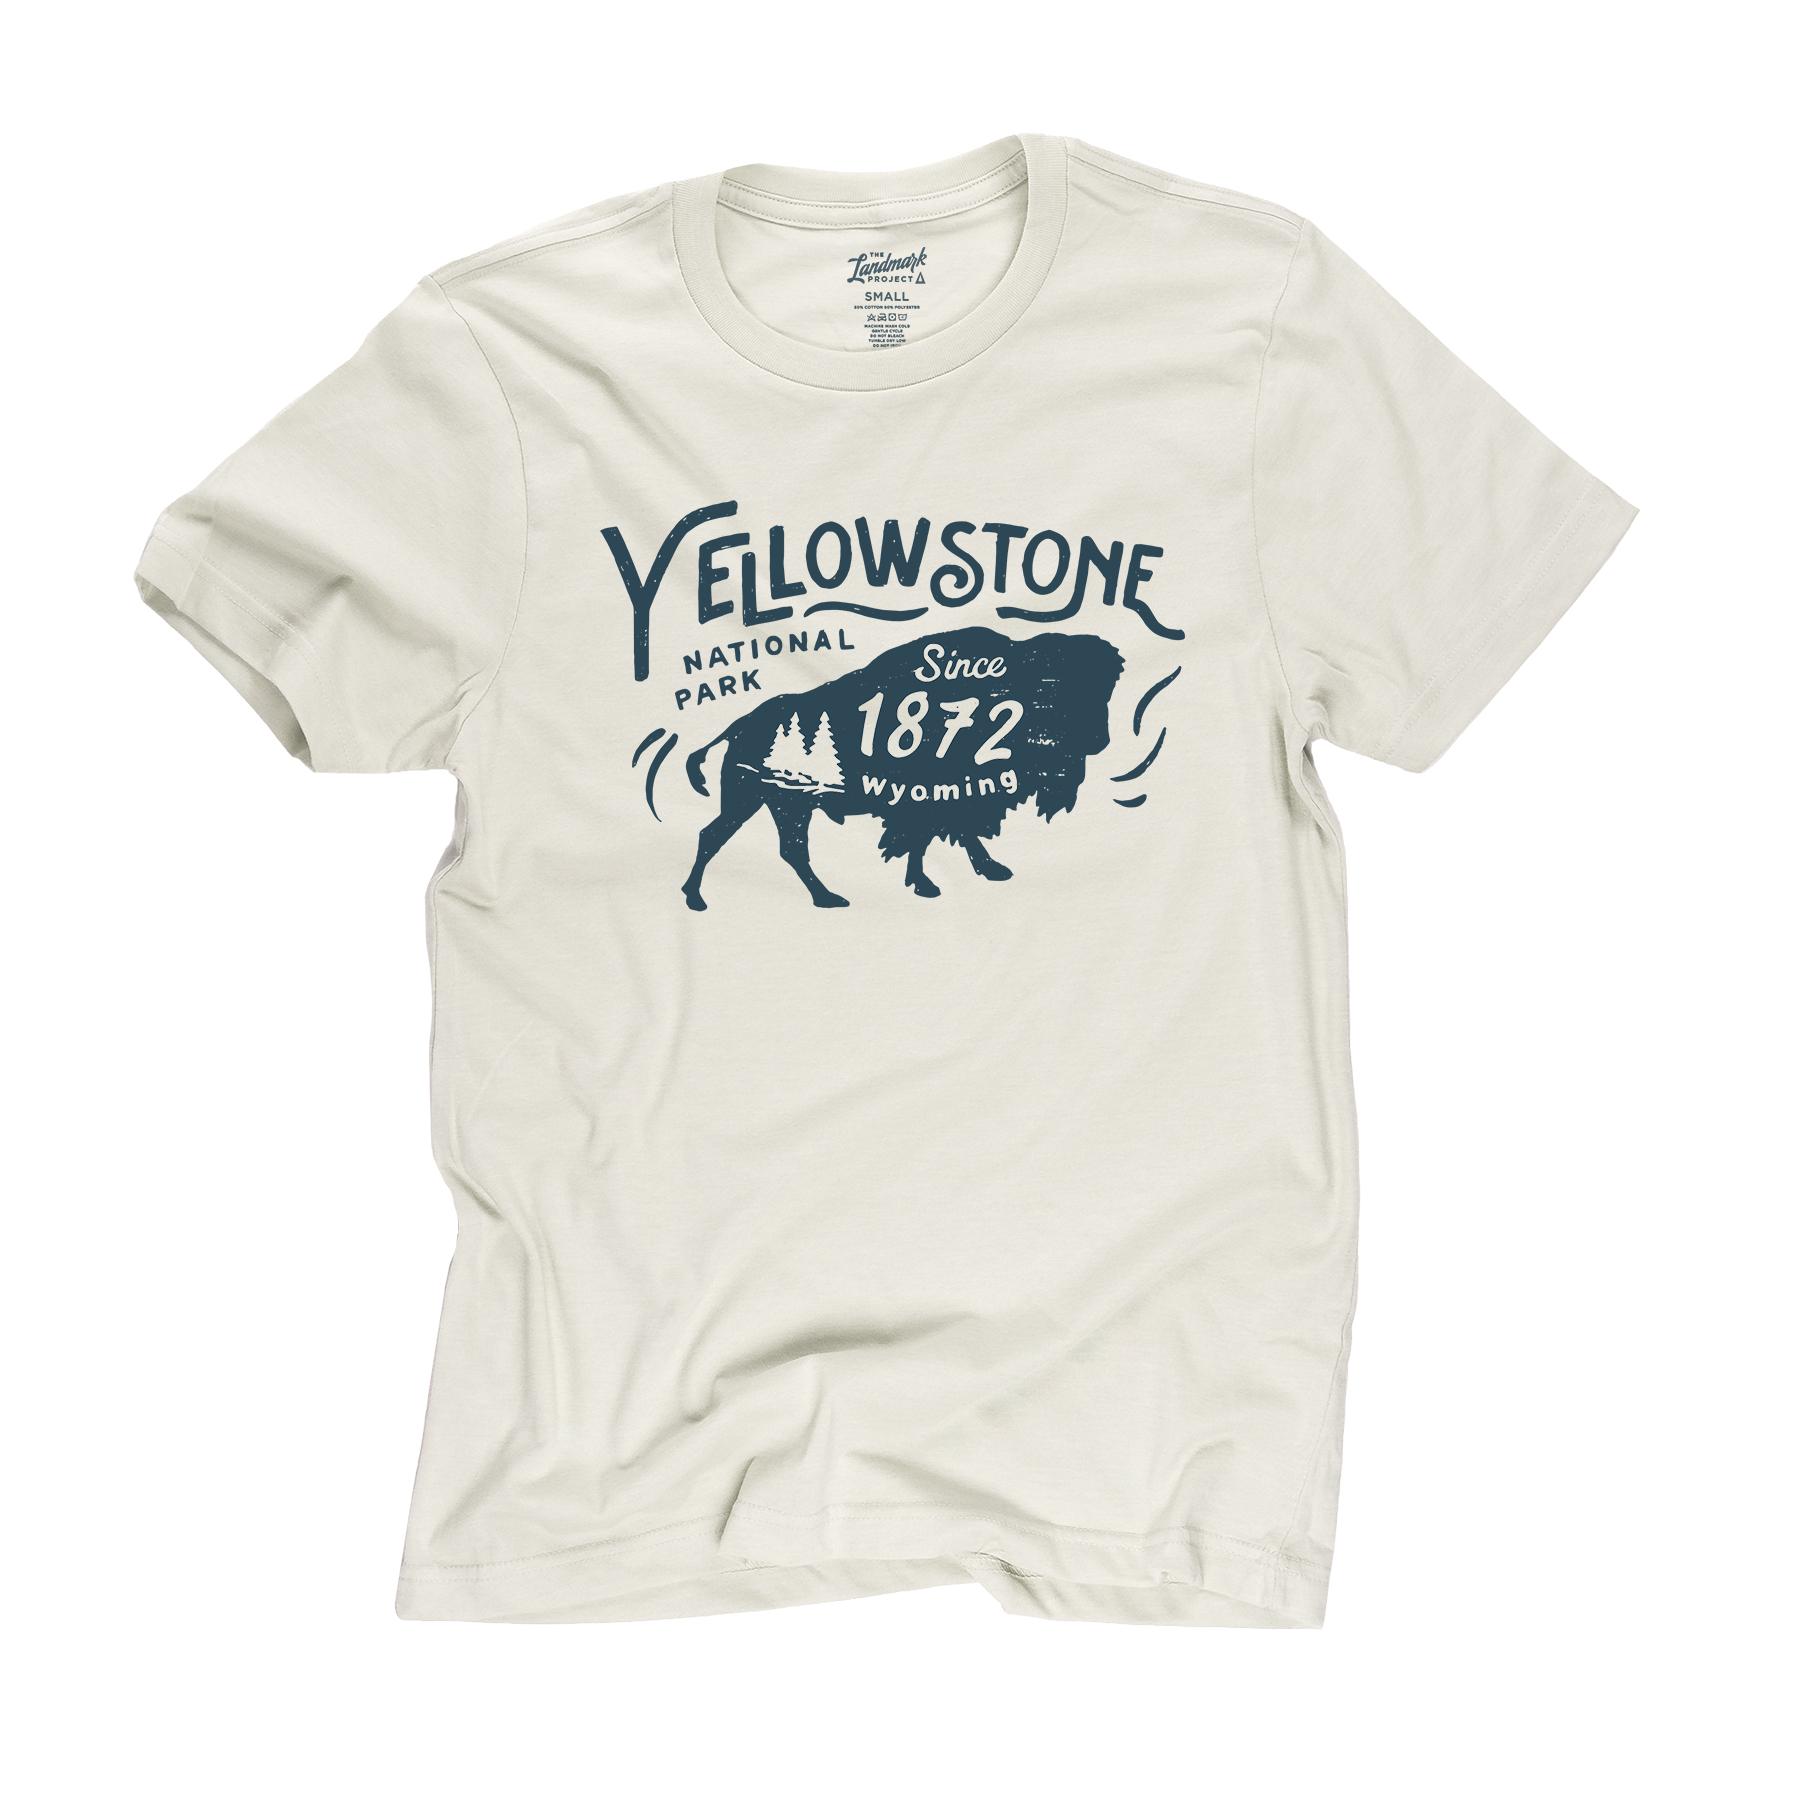 yellowstone-bison-dune-tee.jpg